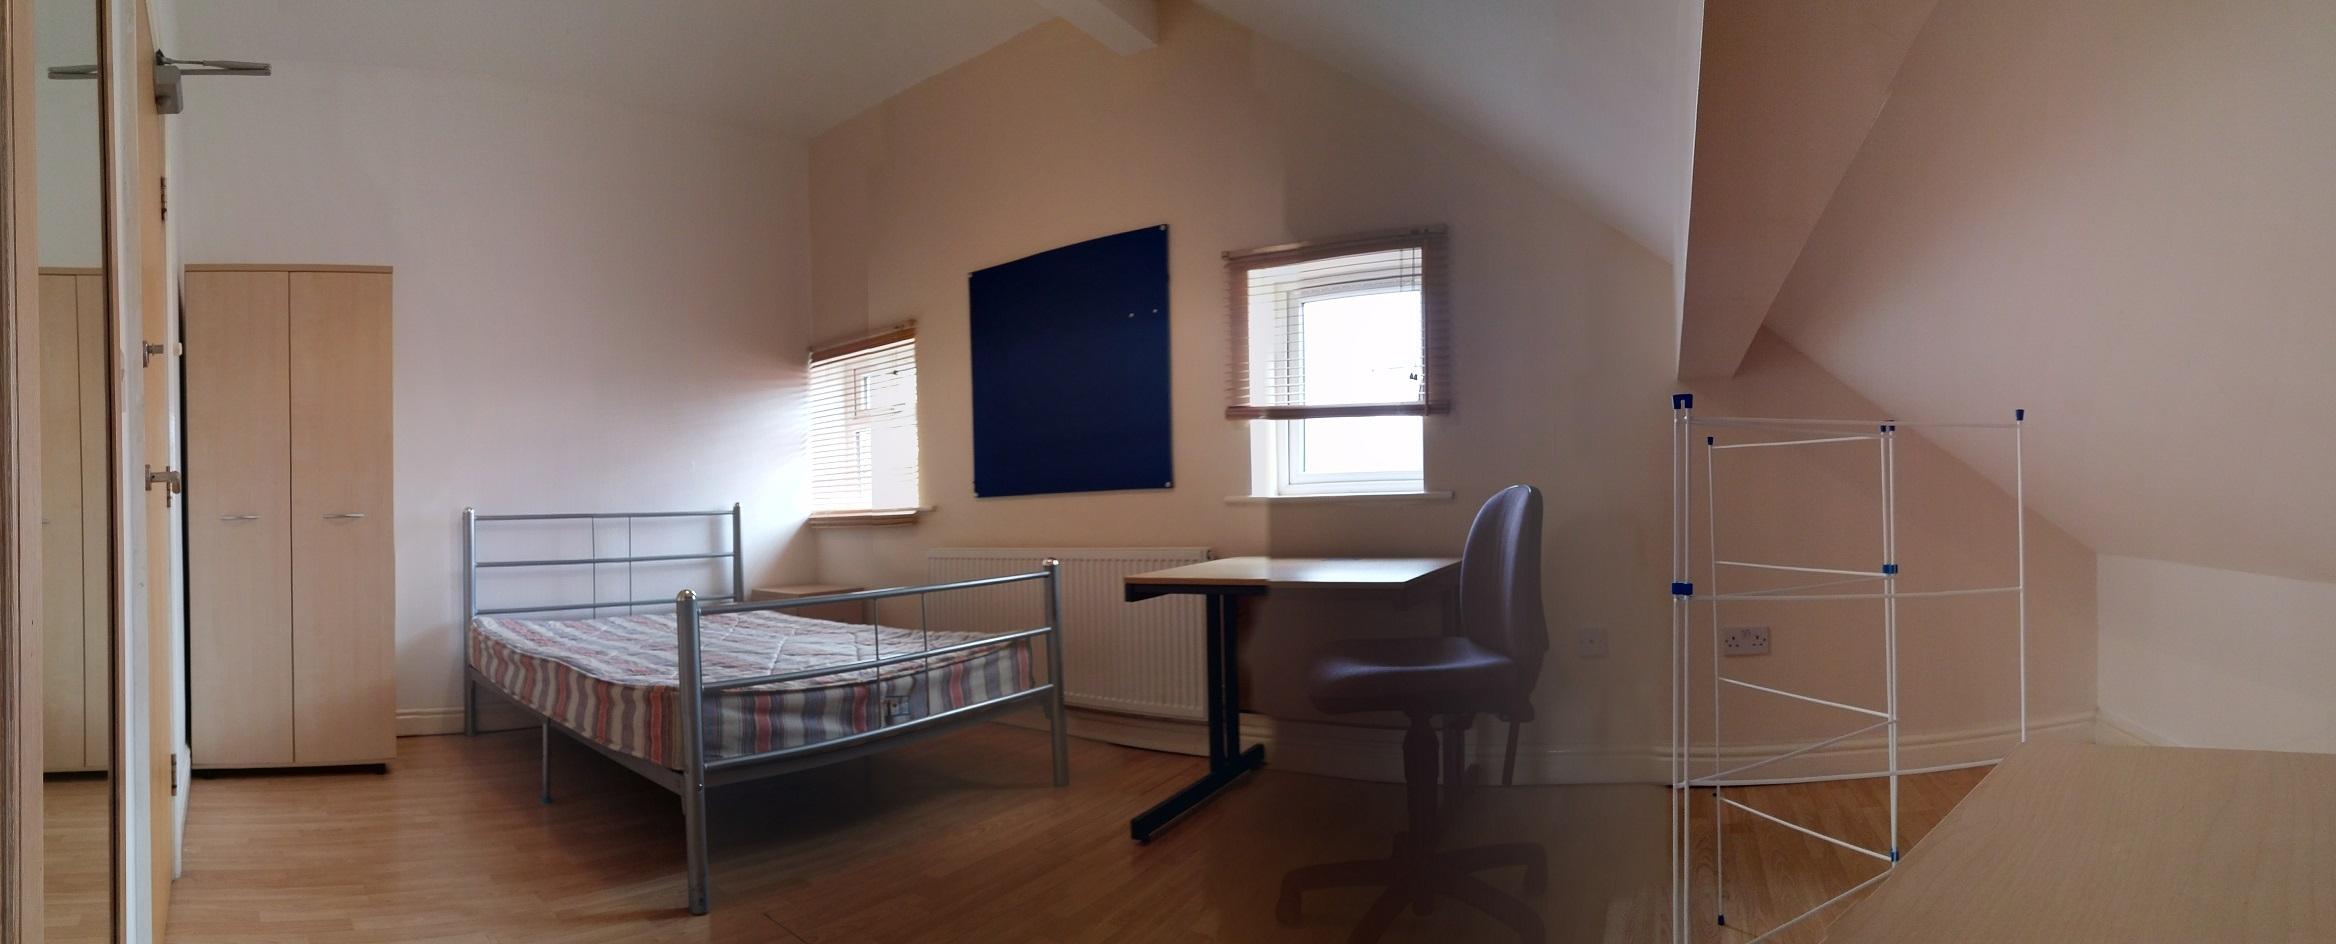 7a abberton loft bedroom